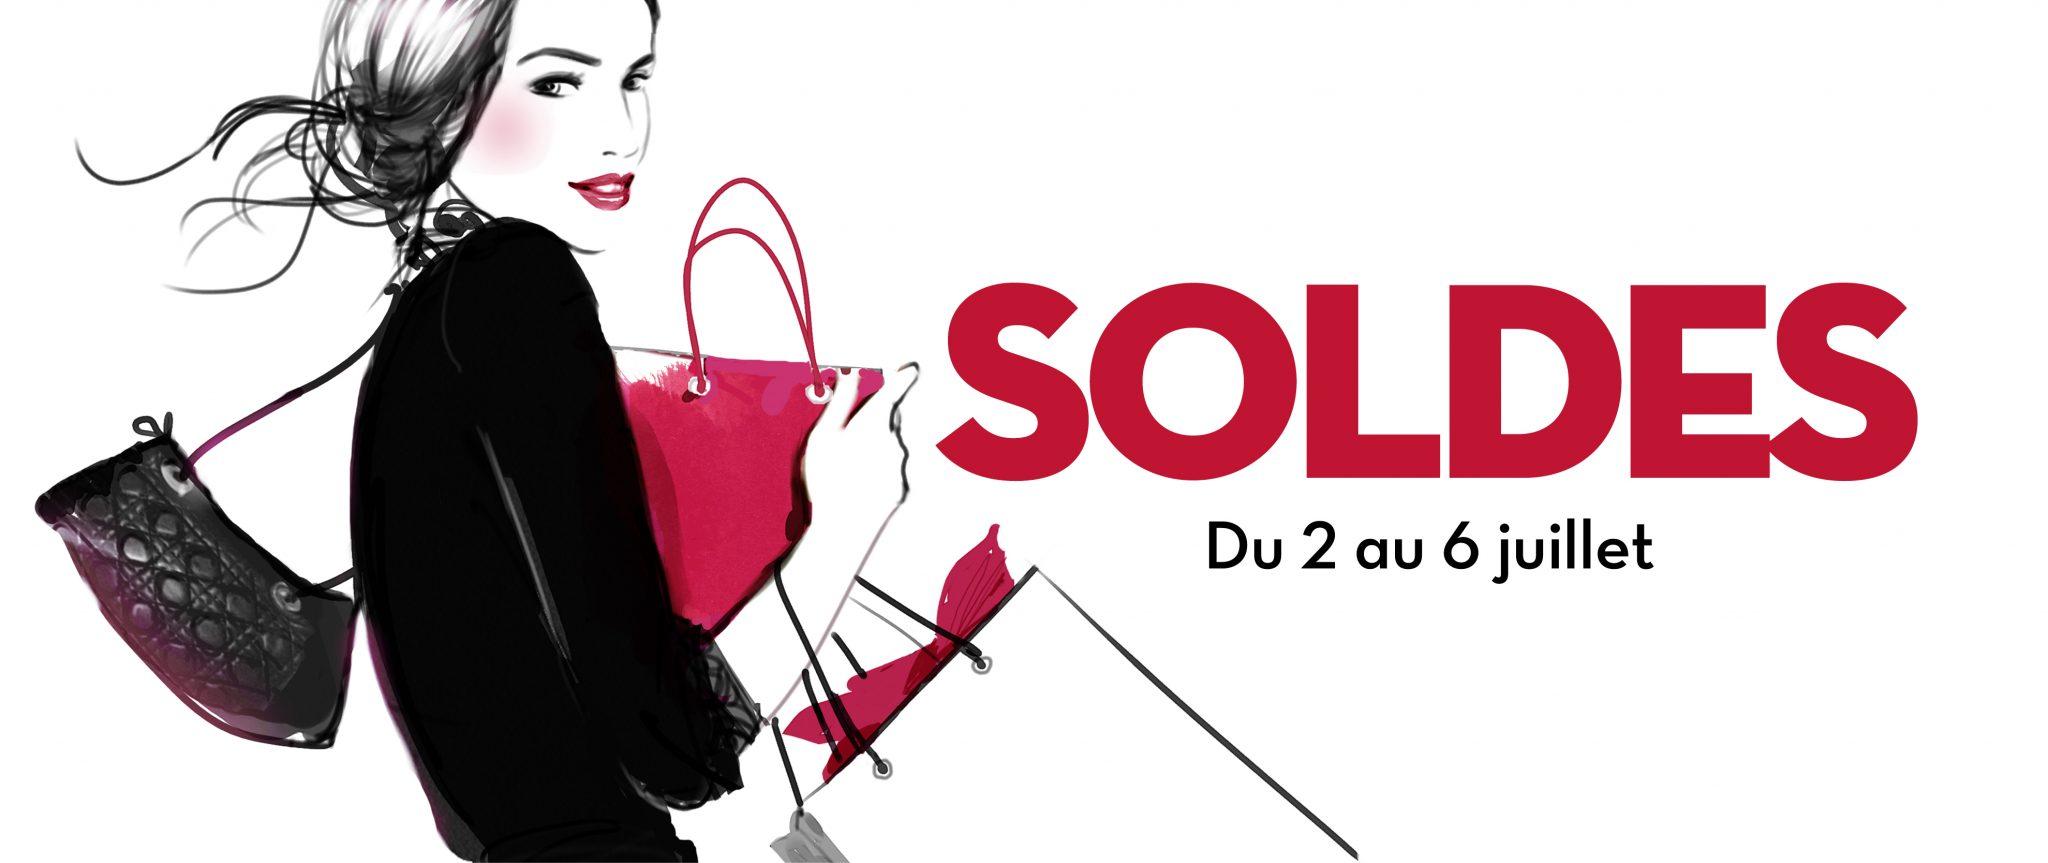 C Est Parti Pour Les Soldes D T 2014 Bons Plans Inside